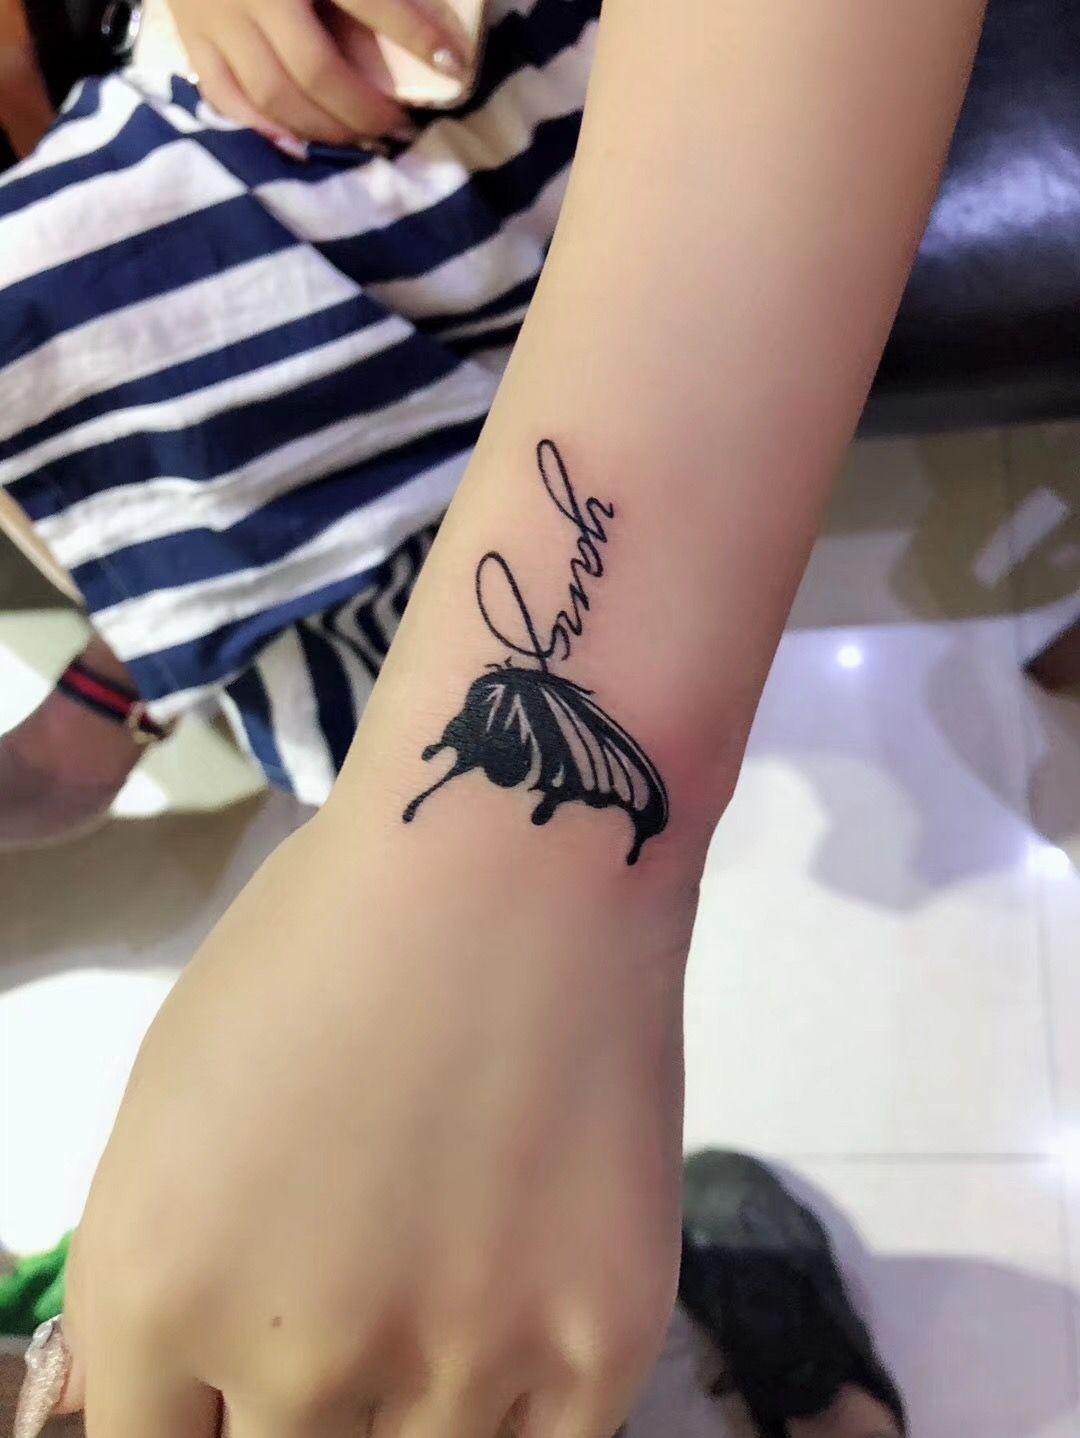 哈雷刺青纹身哈雷刺青纹身-3cm*3cm黑灰小清新(人气)图片